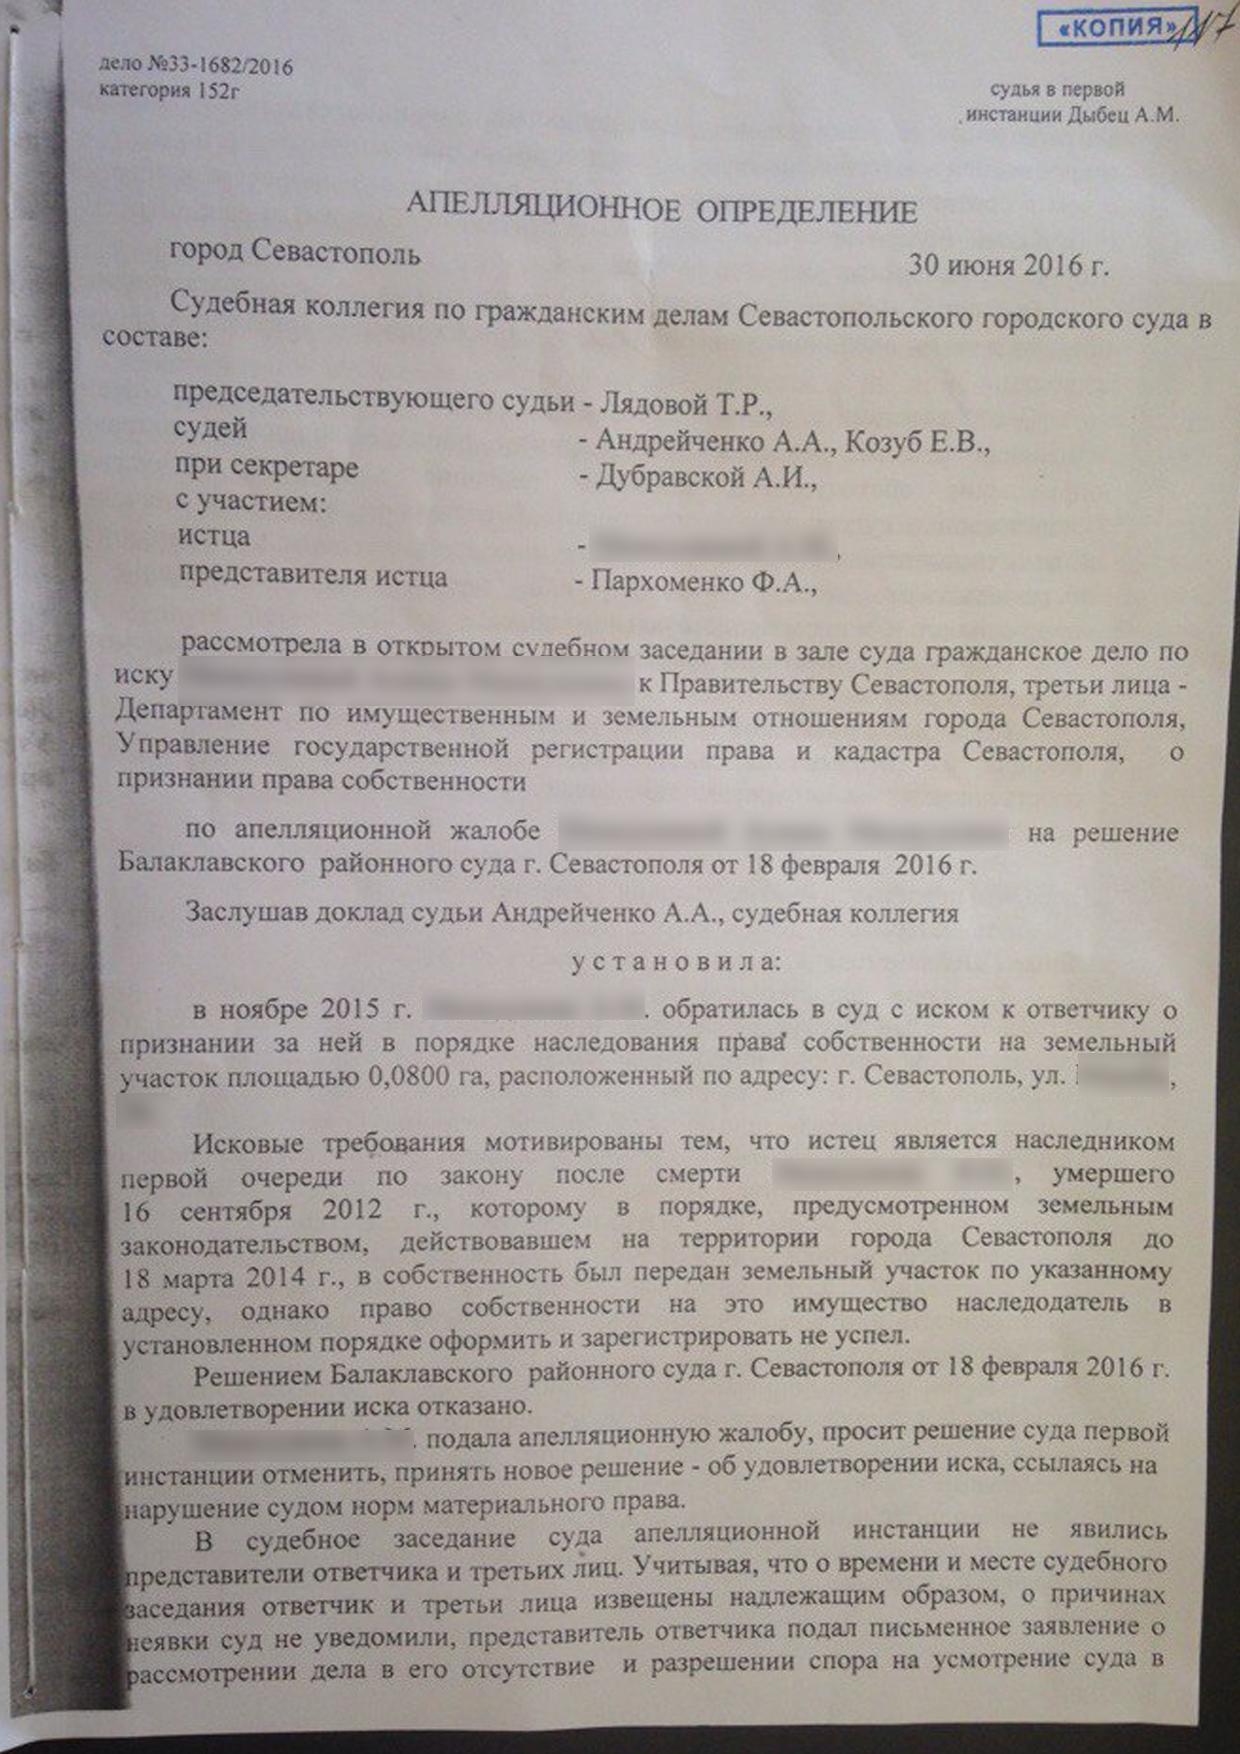 Признание права собственности на земельный участок ответчик